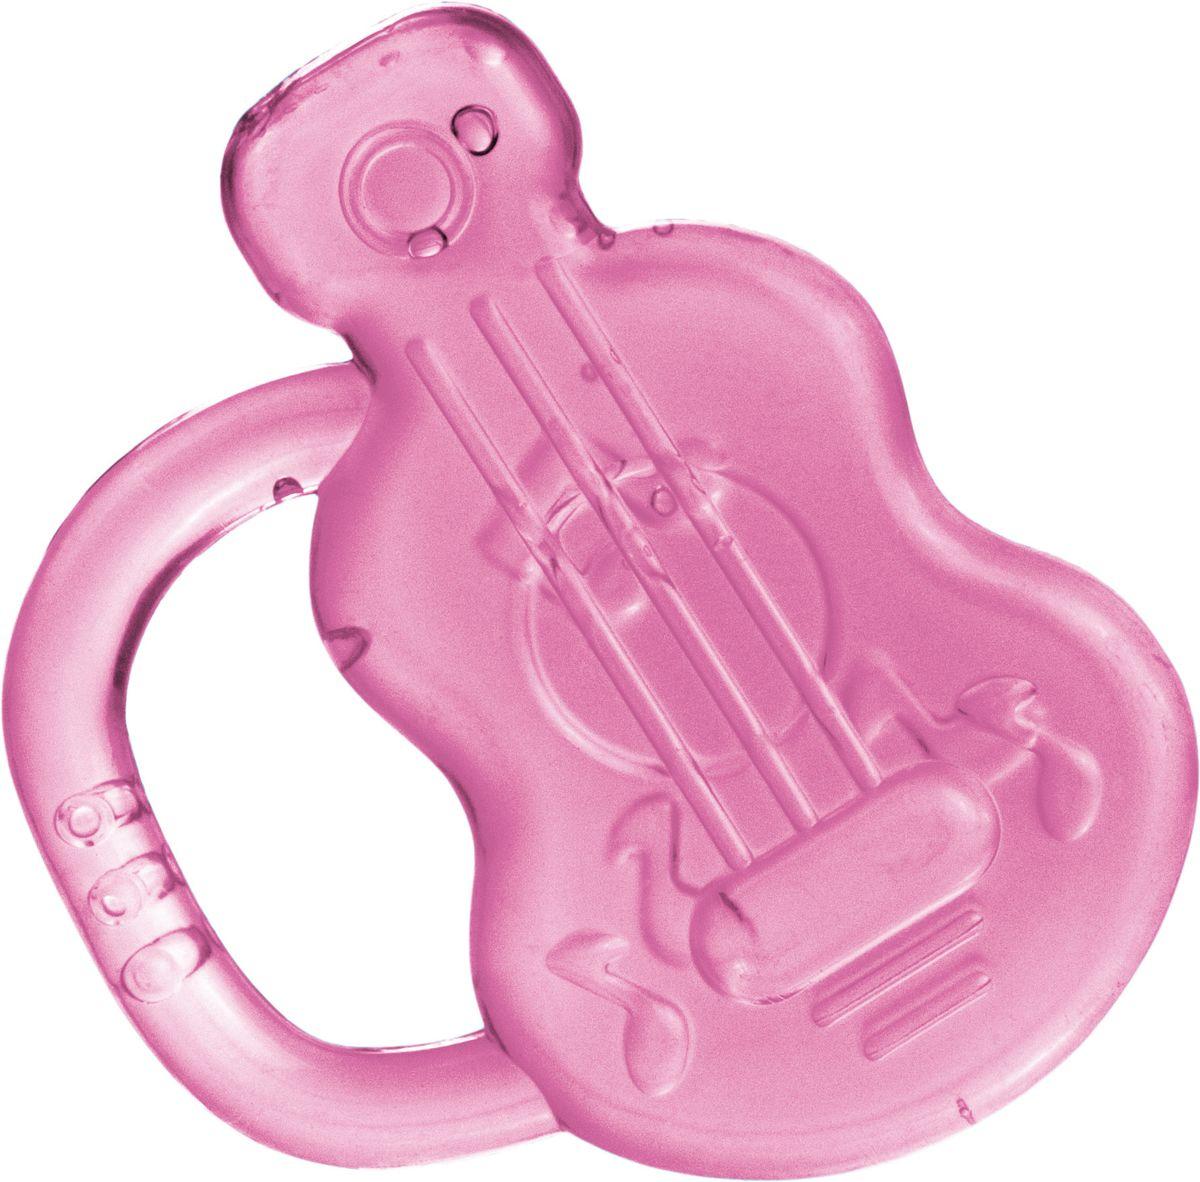 Canpol Babies Прорезыватель охлаждающий Гитара цвет розовый прорезыватели canpol охлаждающий спящий медвежонок 2 242